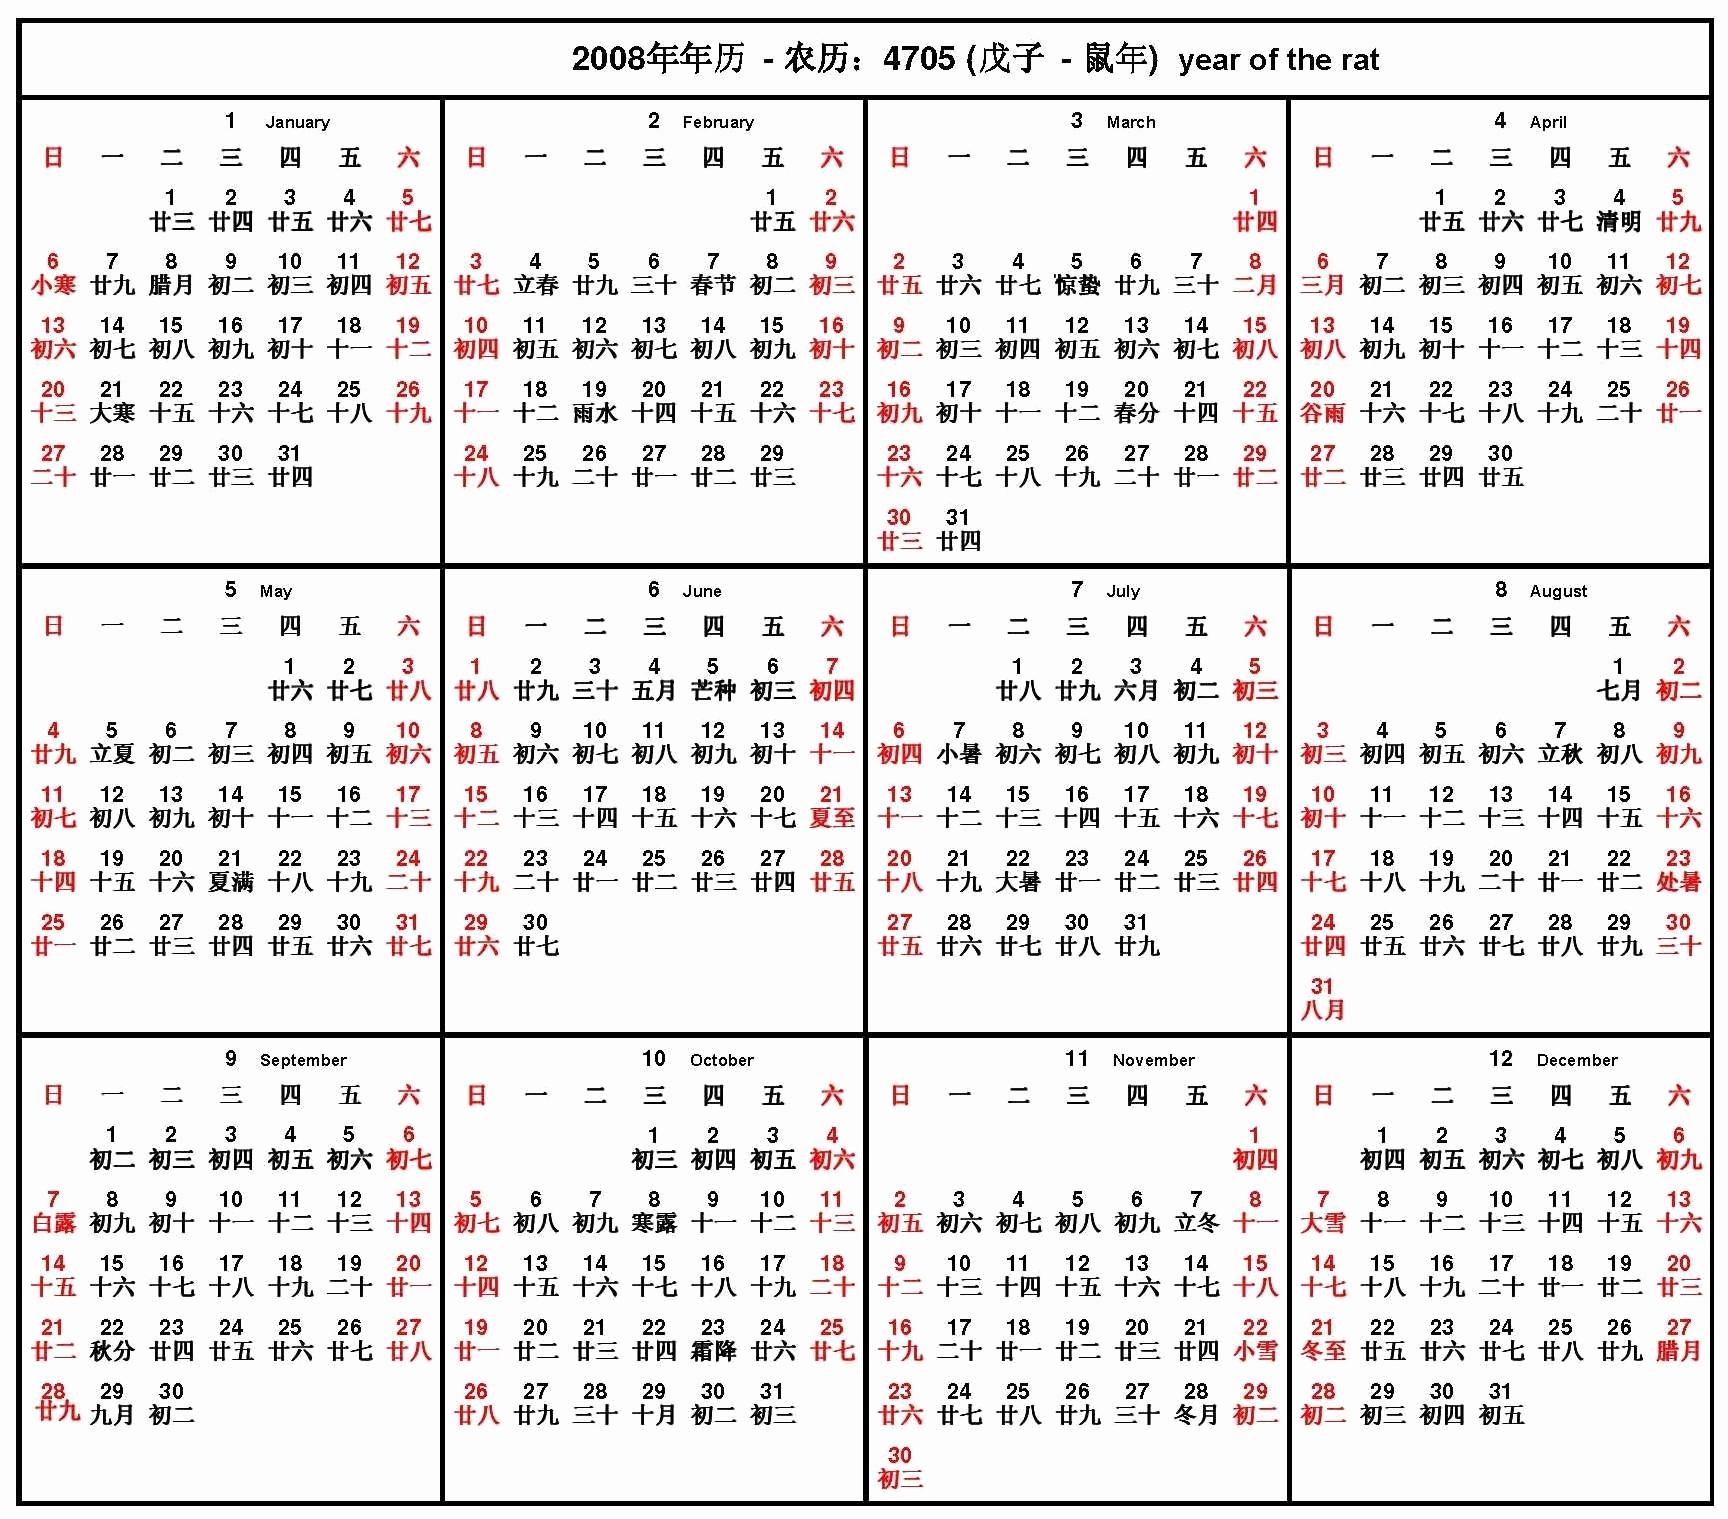 2020 Chinese Calendar. Chinese Horoscope 2020. 2019-10-21